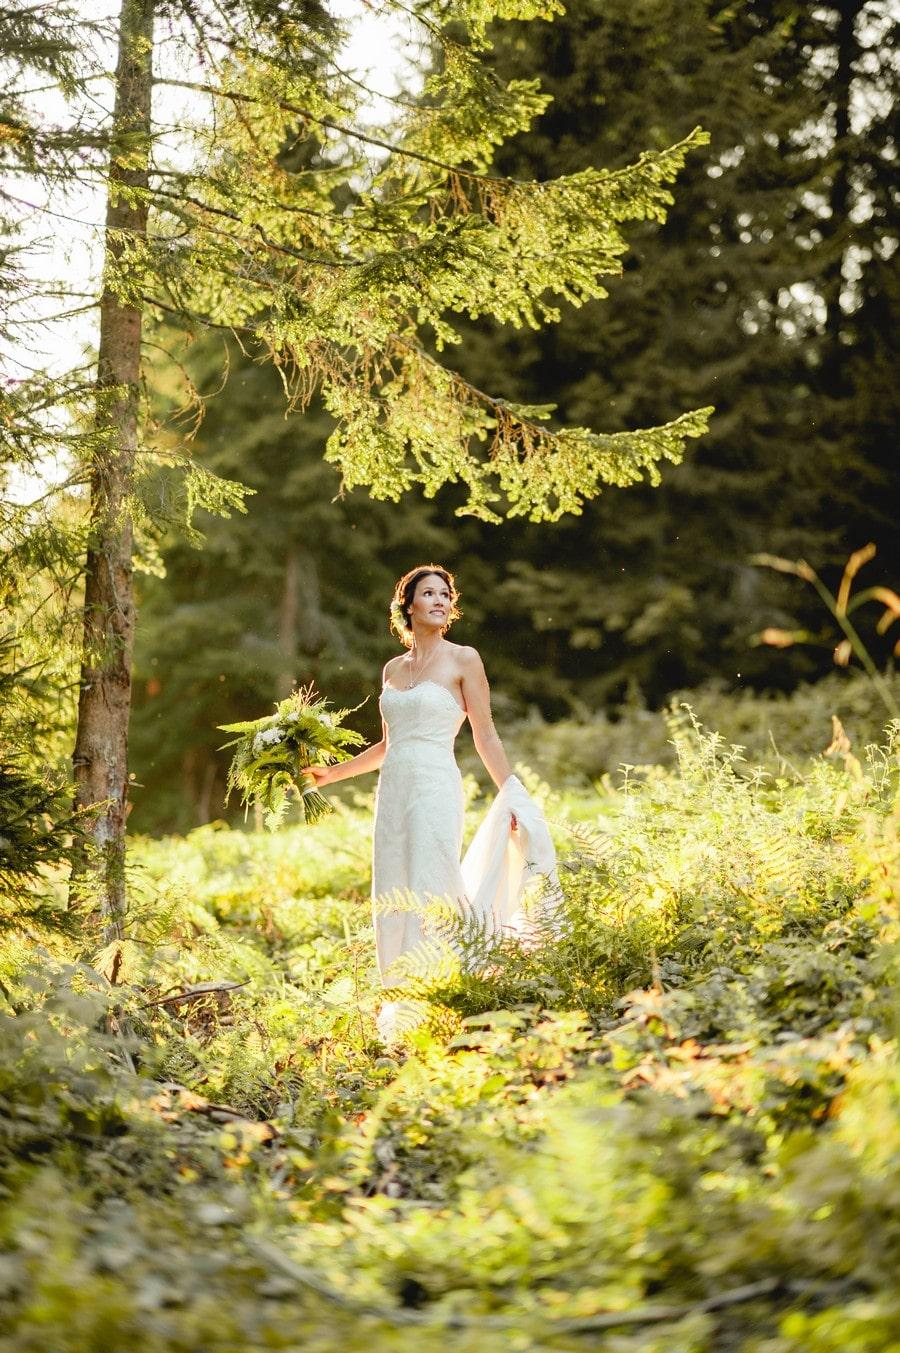 Inspiration für ein Braut-Shooting im Abendlicht auf einer Waldlichtung mit Farnen